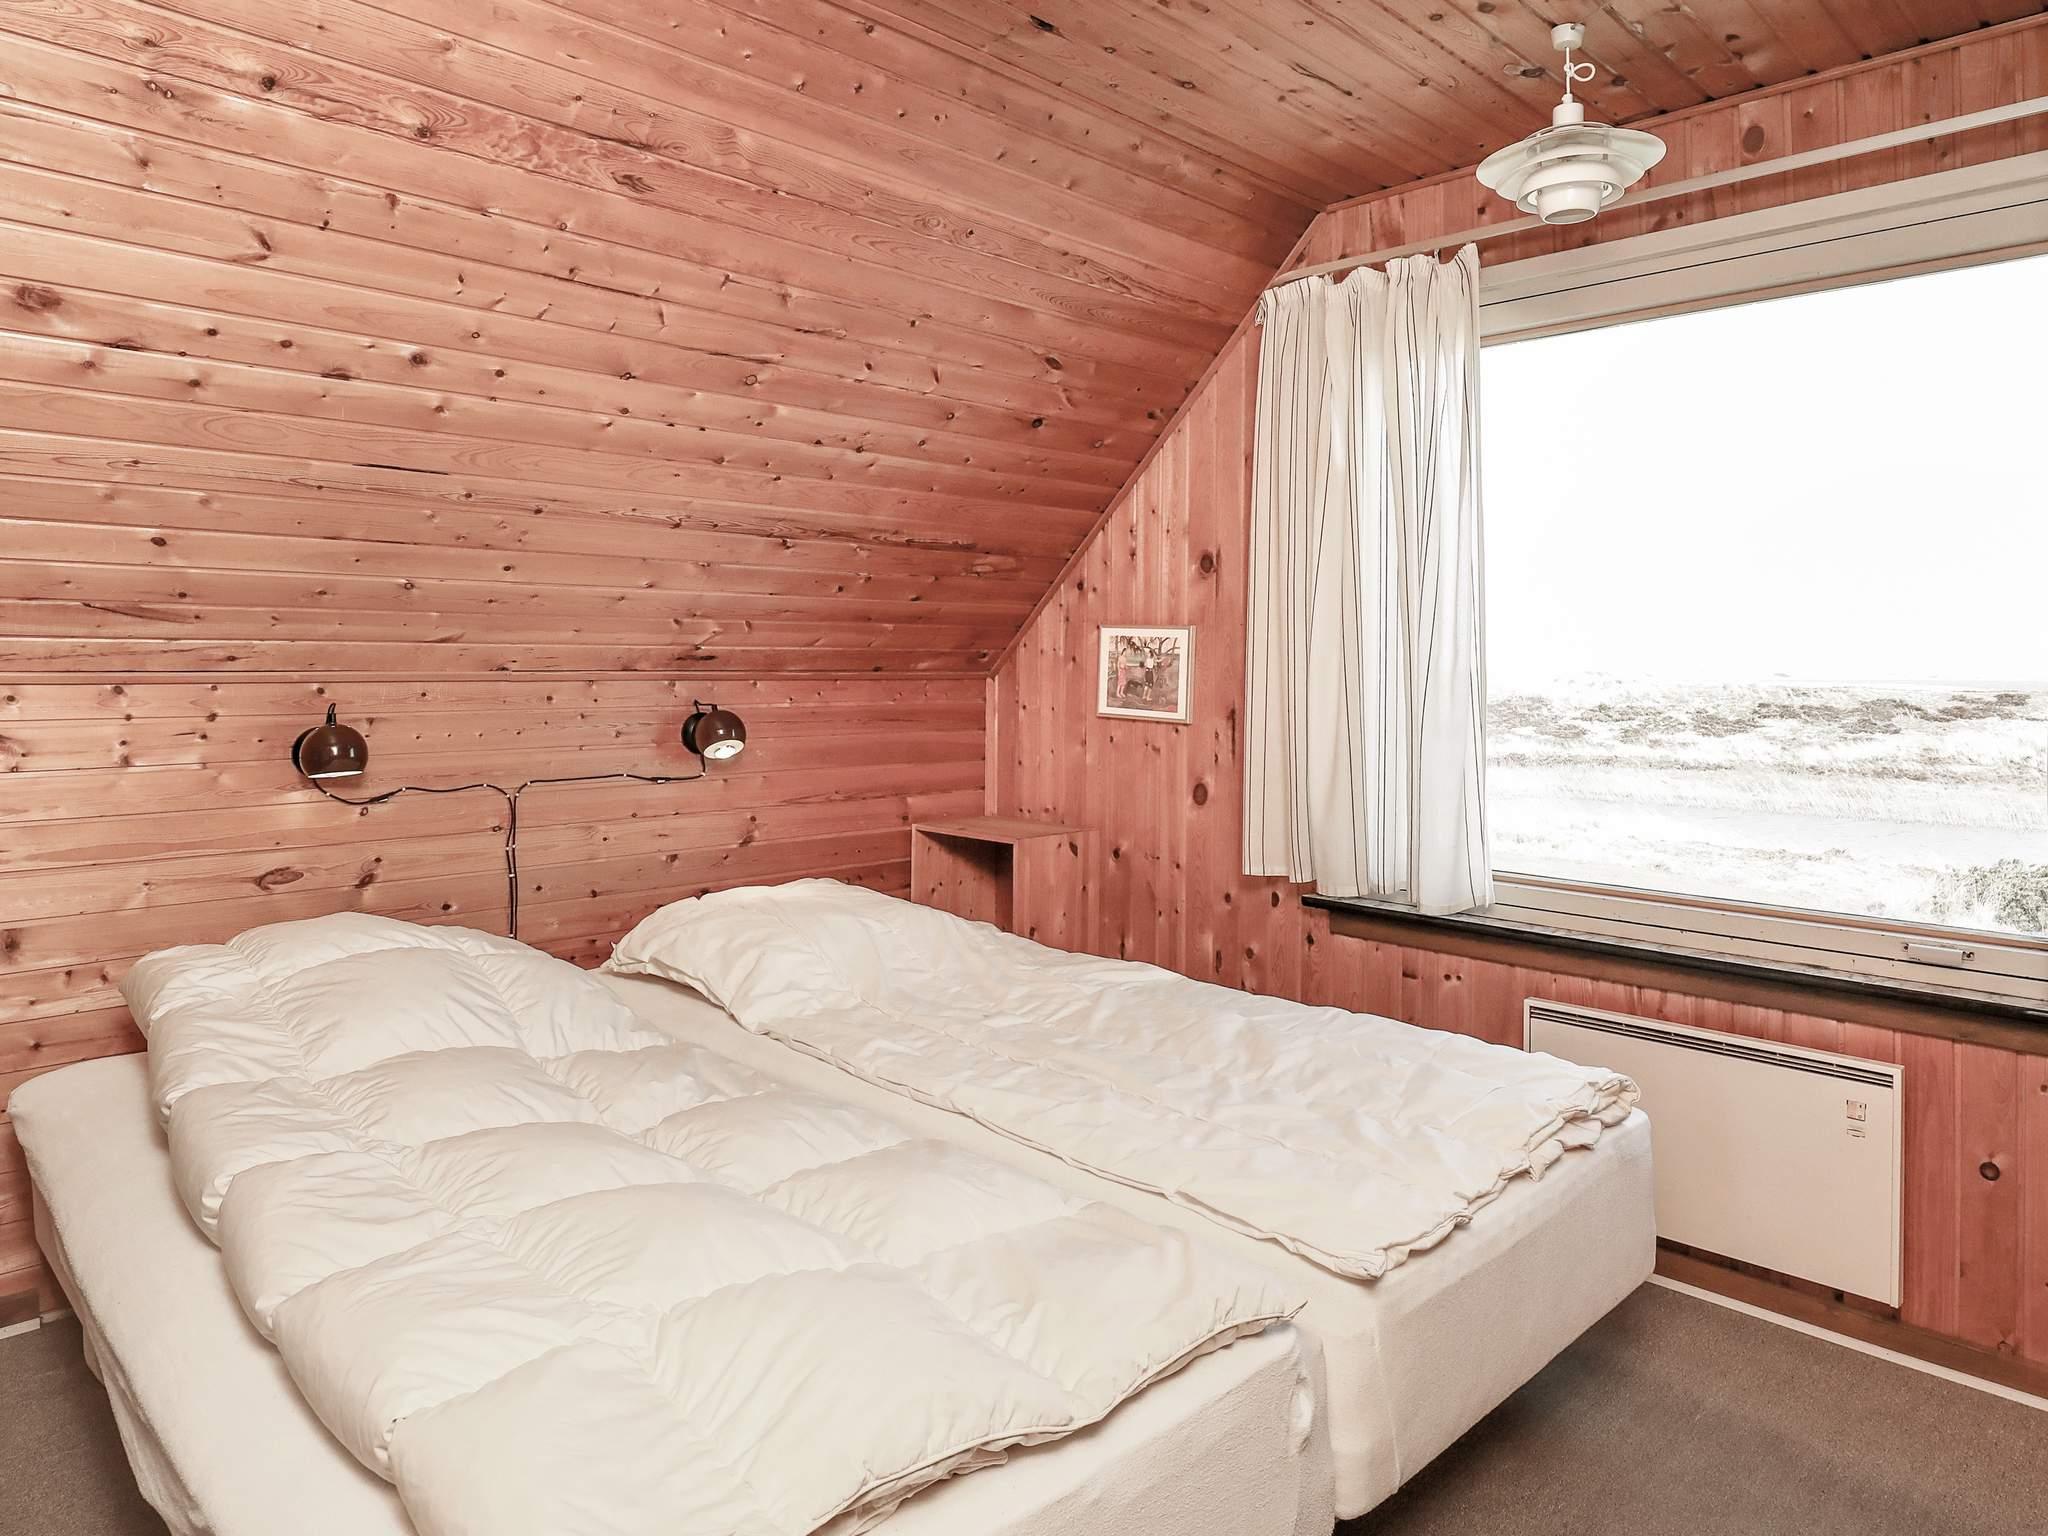 Ferienhaus Agger (81750), Vestervig, , Limfjord, Dänemark, Bild 12